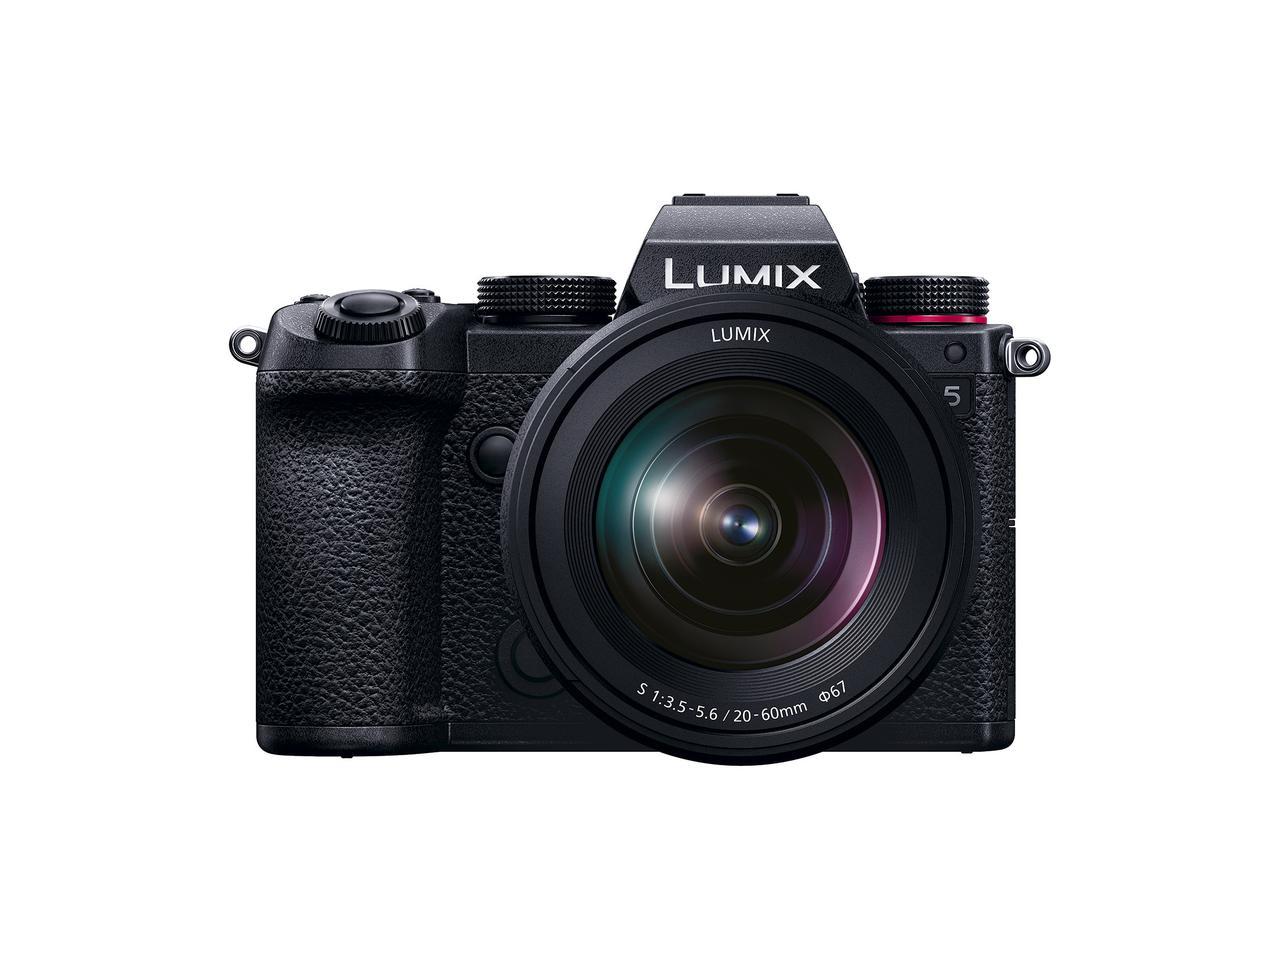 画像1: パナソニックはフルサイズミラーレスカメラ「LUMIX S5」を 発表。2020年9月下旬発売!